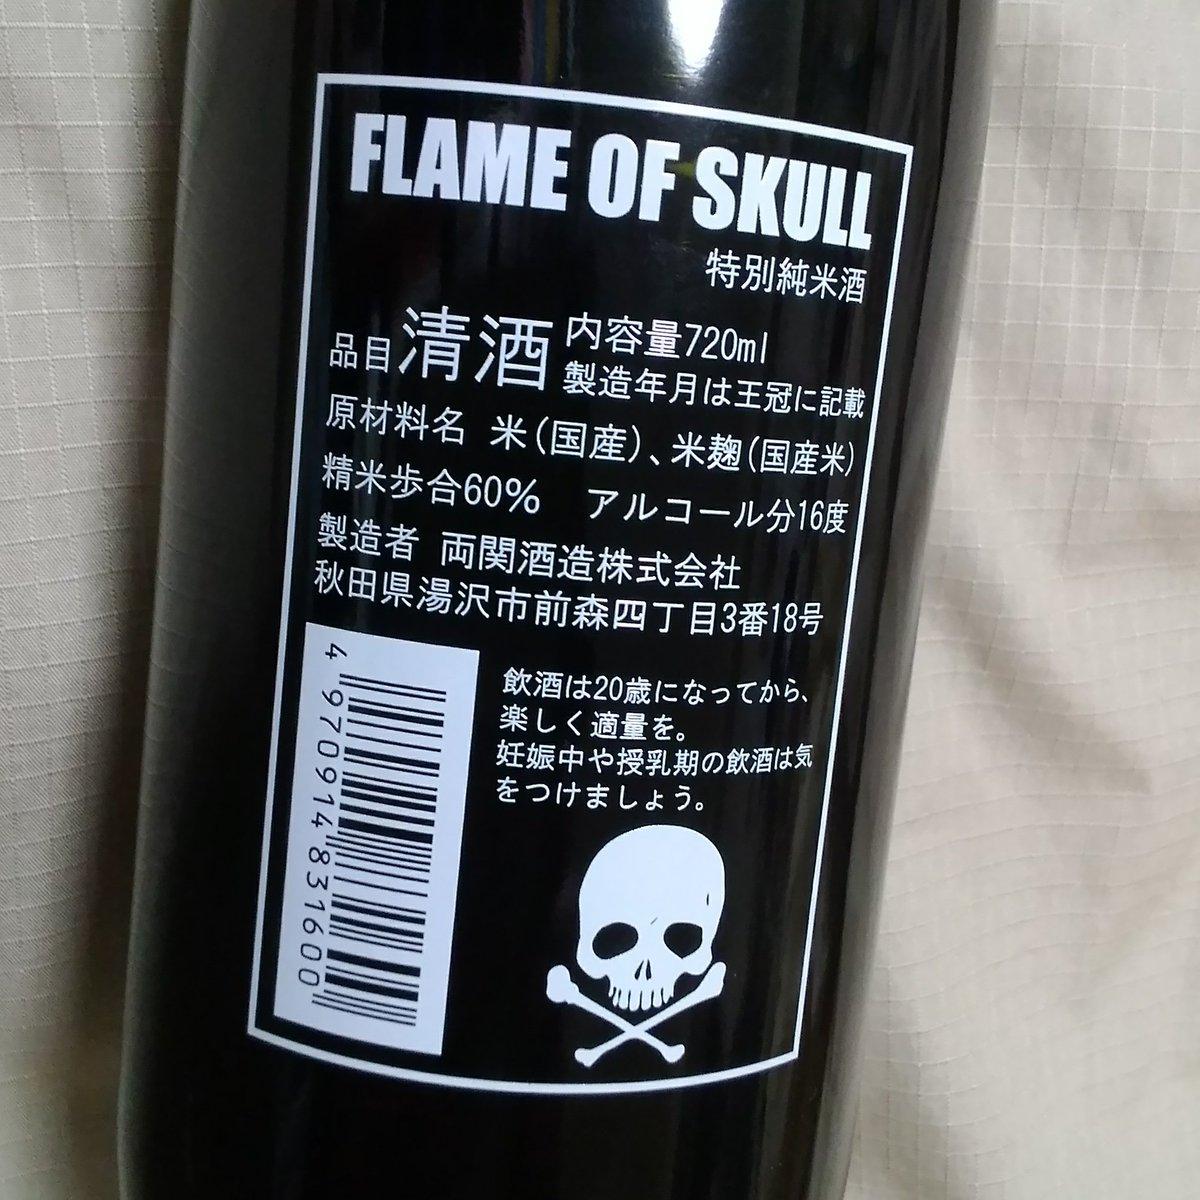 test ツイッターメディア - 近所の酒屋で「FLAME OF SKULL」なる日本酒らしからぬ名前とデザインのボトルを見かけてつい買ってしまった…。ラベル張りではなくボトルに直で印刷なのもあまり見かけない。 秋田の両関酒造さんのおさけだけど、はたしてどんな味なのだろう。 https://t.co/wsf4RdhacE